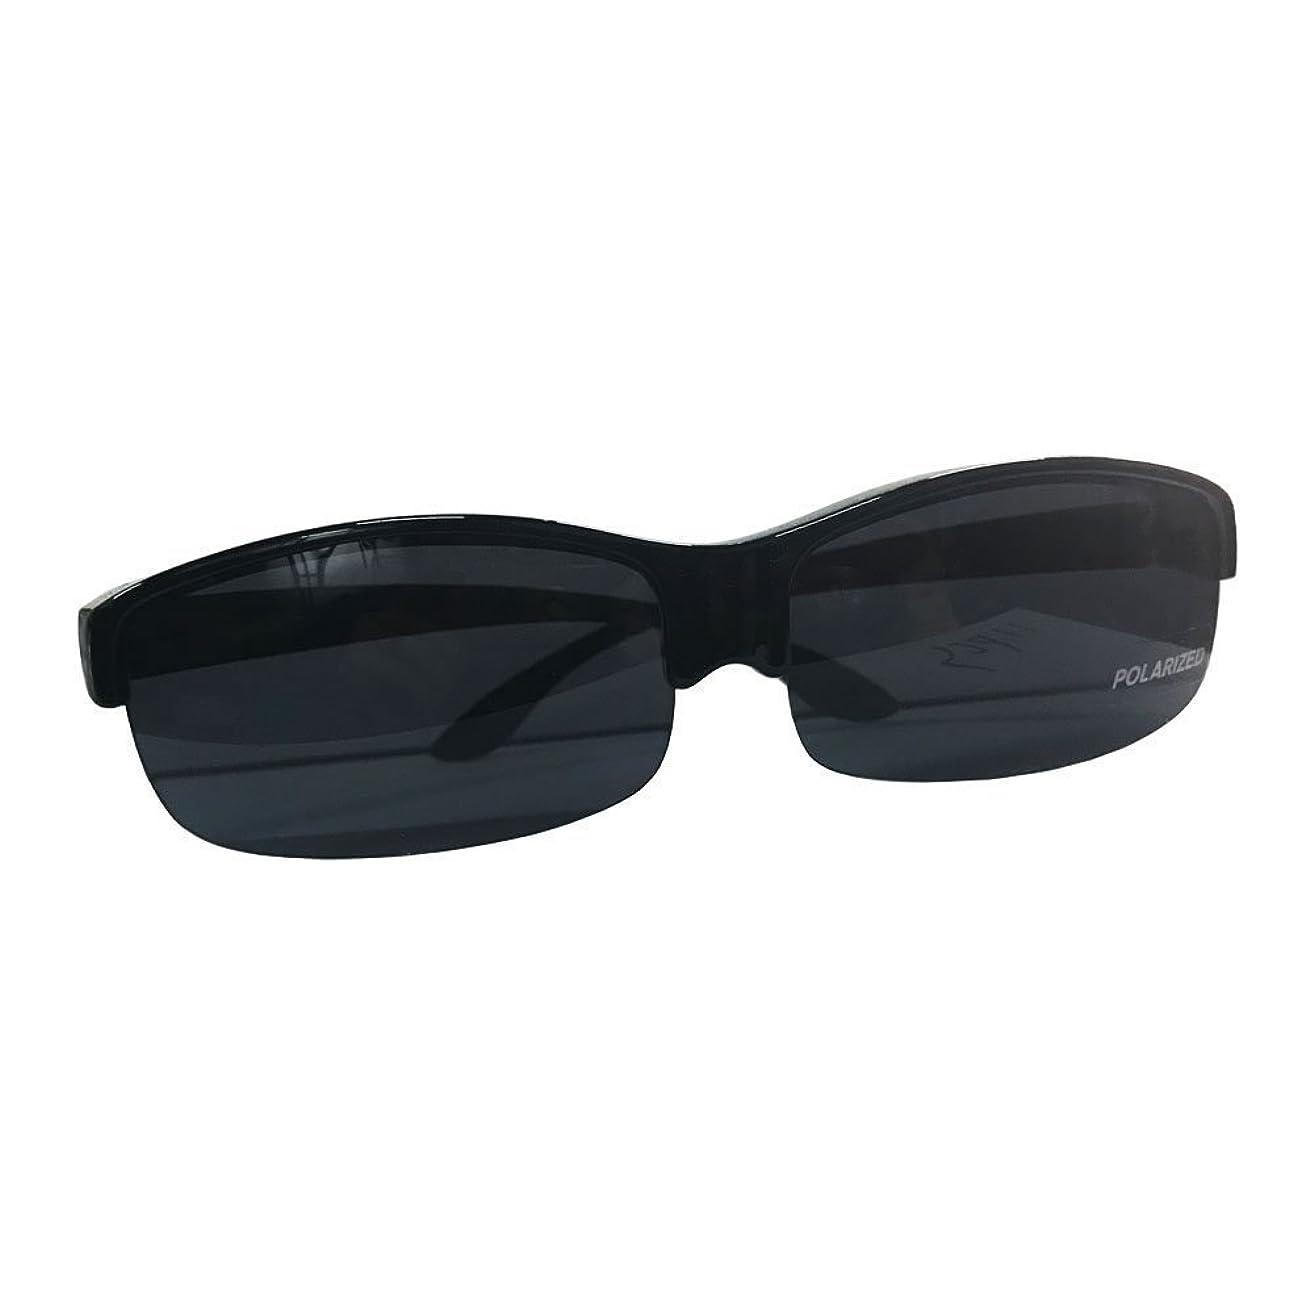 エキスつらい技術的なメガネの上から掛けられるオーバーサングラス オーバーグラス 偏光レンズ メンズ レディース 兼用 ブラック